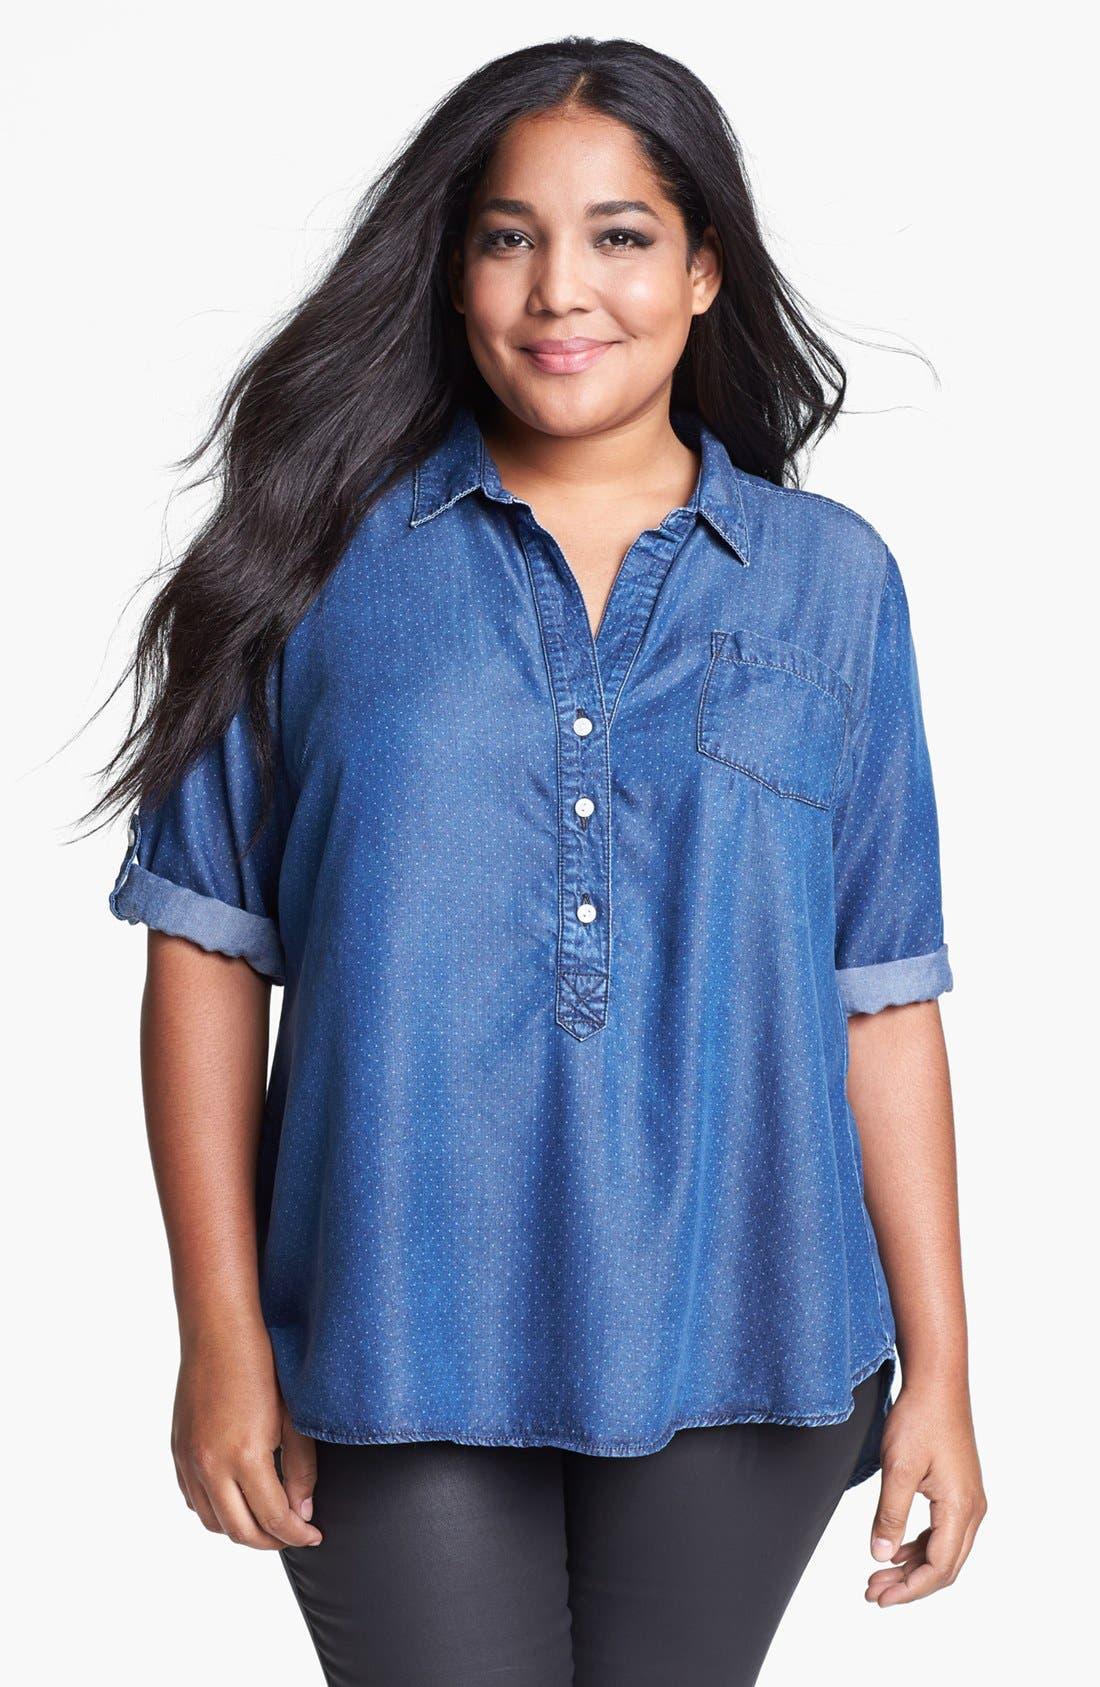 Main Image - Lucky Brand 'Charleigh' Polka Dot Chambray Shirt (Plus Size)